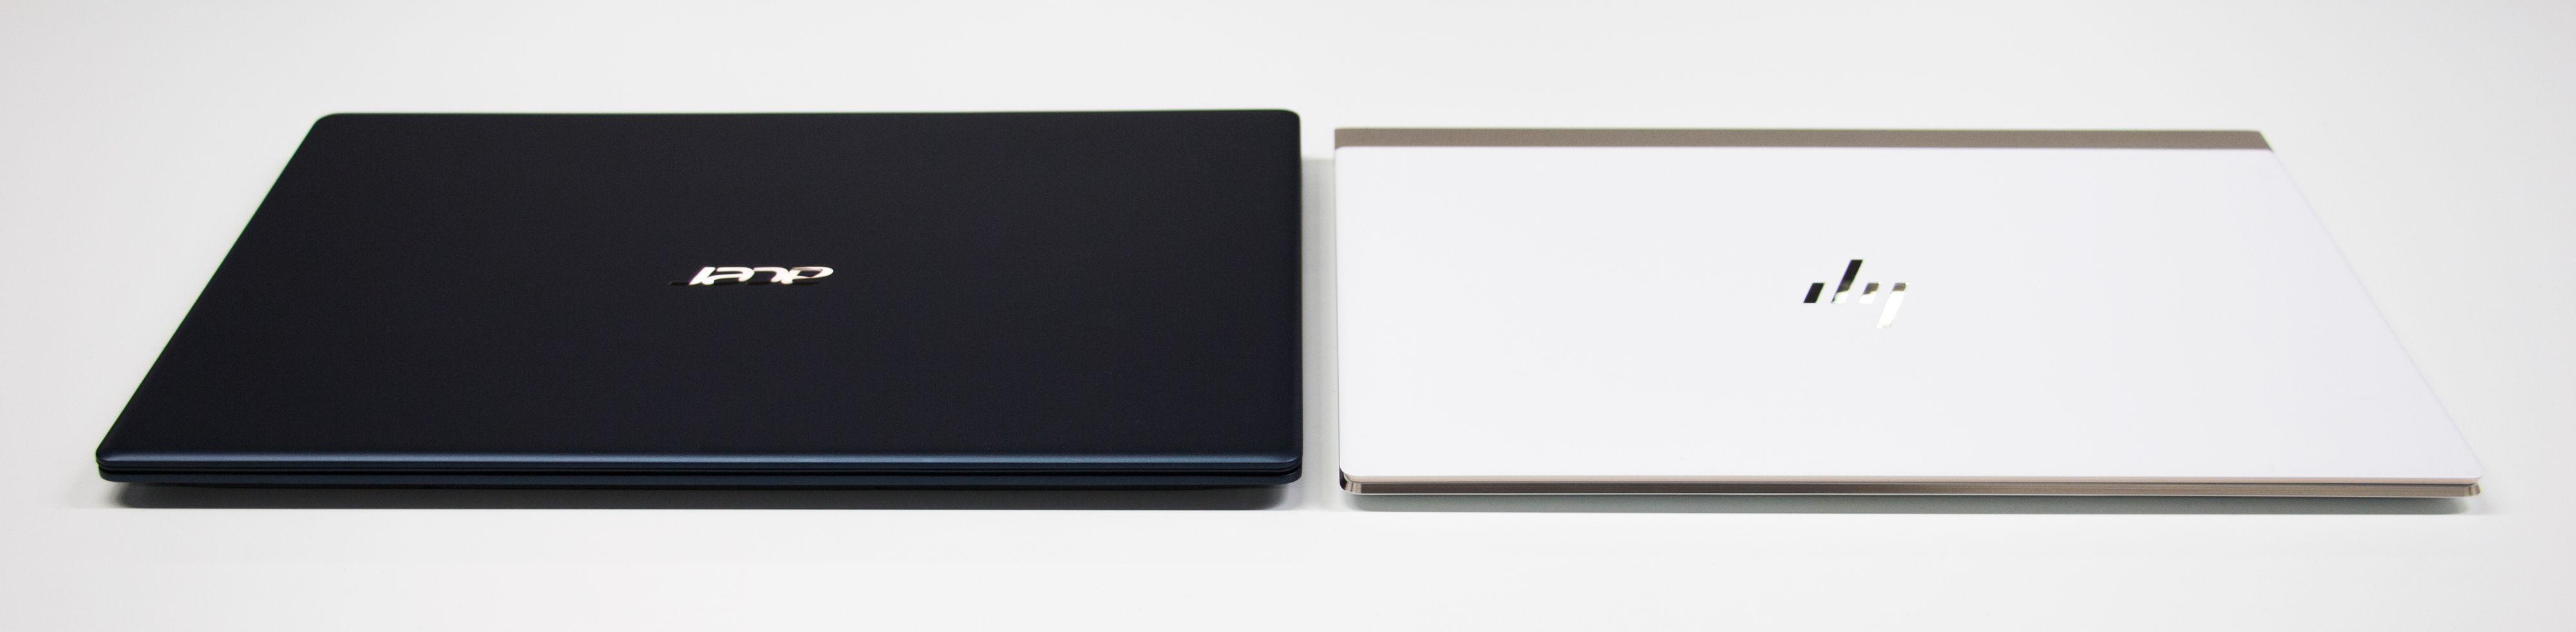 Acer går for sort magnesium-skall med sin Switch 5, mens HP frir med sin aluminium- og karbonfiberkledde Spectre 13.